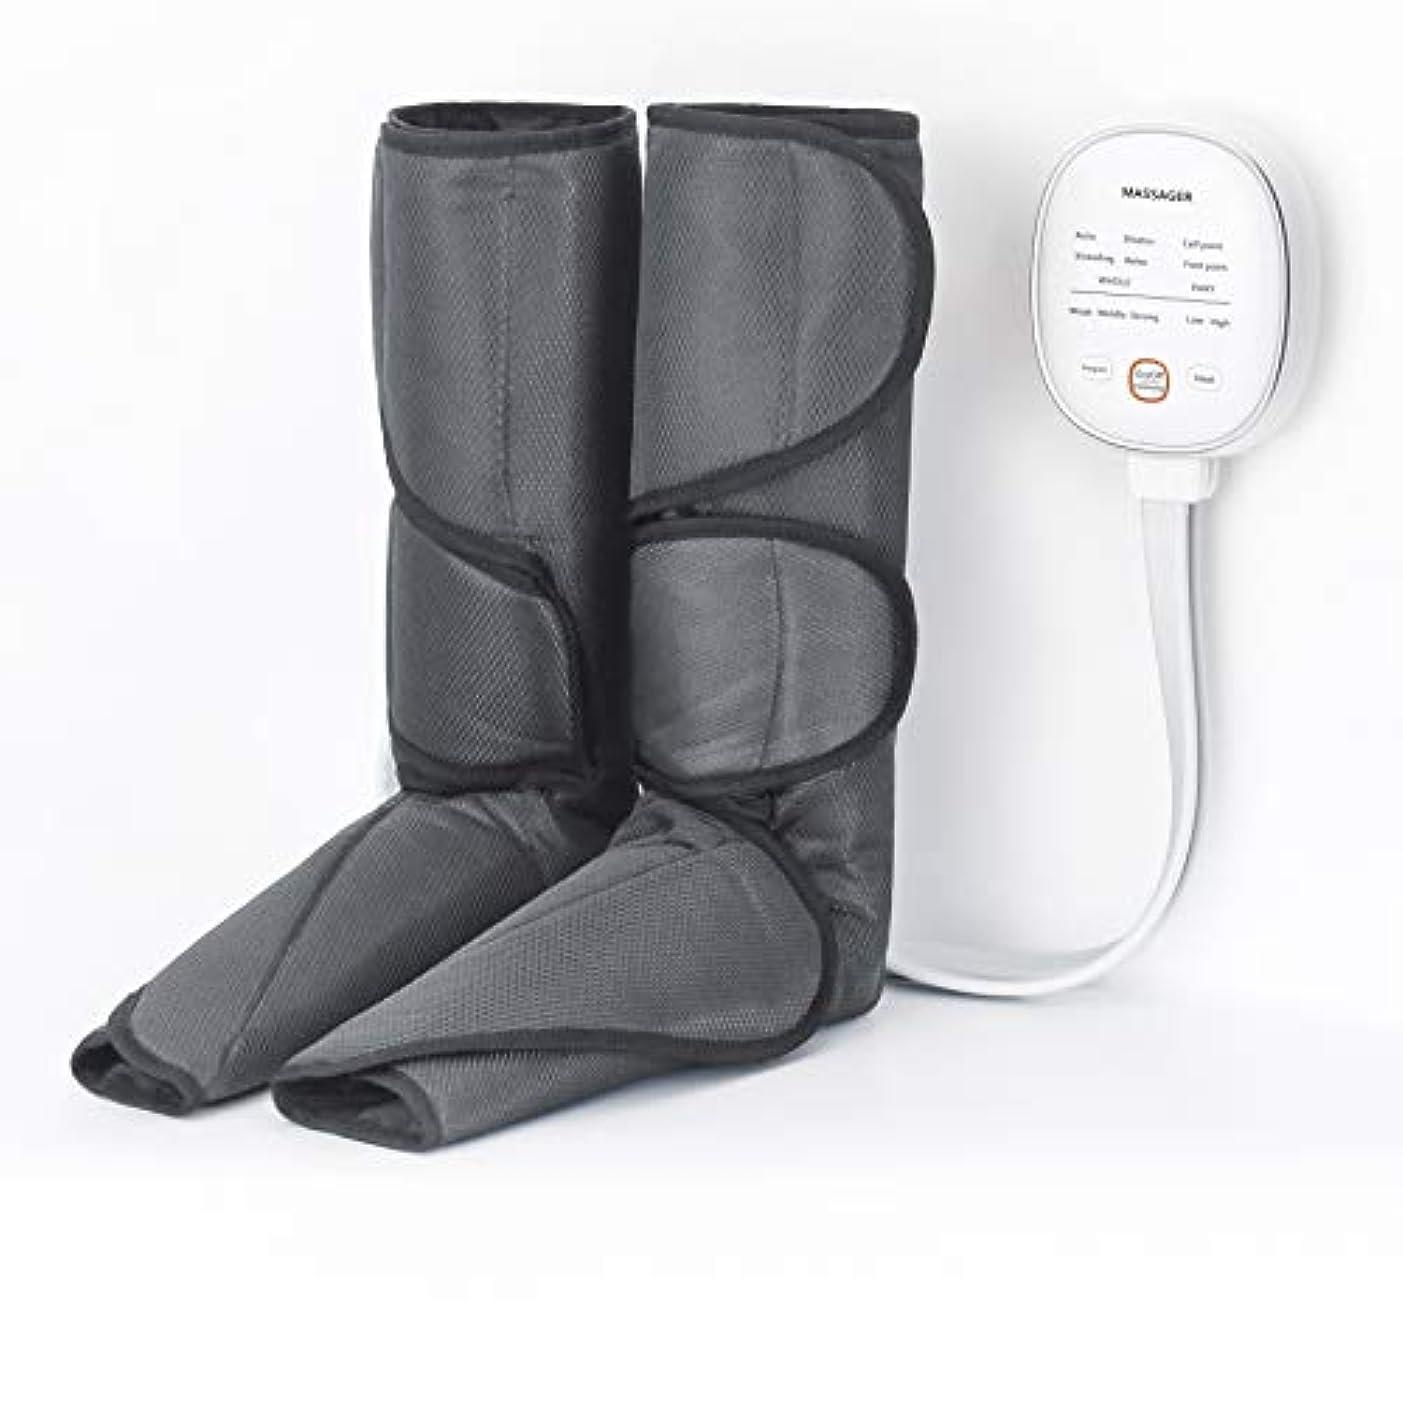 受付幻想一族マッサージャー フット エアーマッサージャー温感機能搭載 ふくらはぎ 気圧 6つのマッサージコースを 不眠症改善、解消 家庭用&職場用 敬老の日